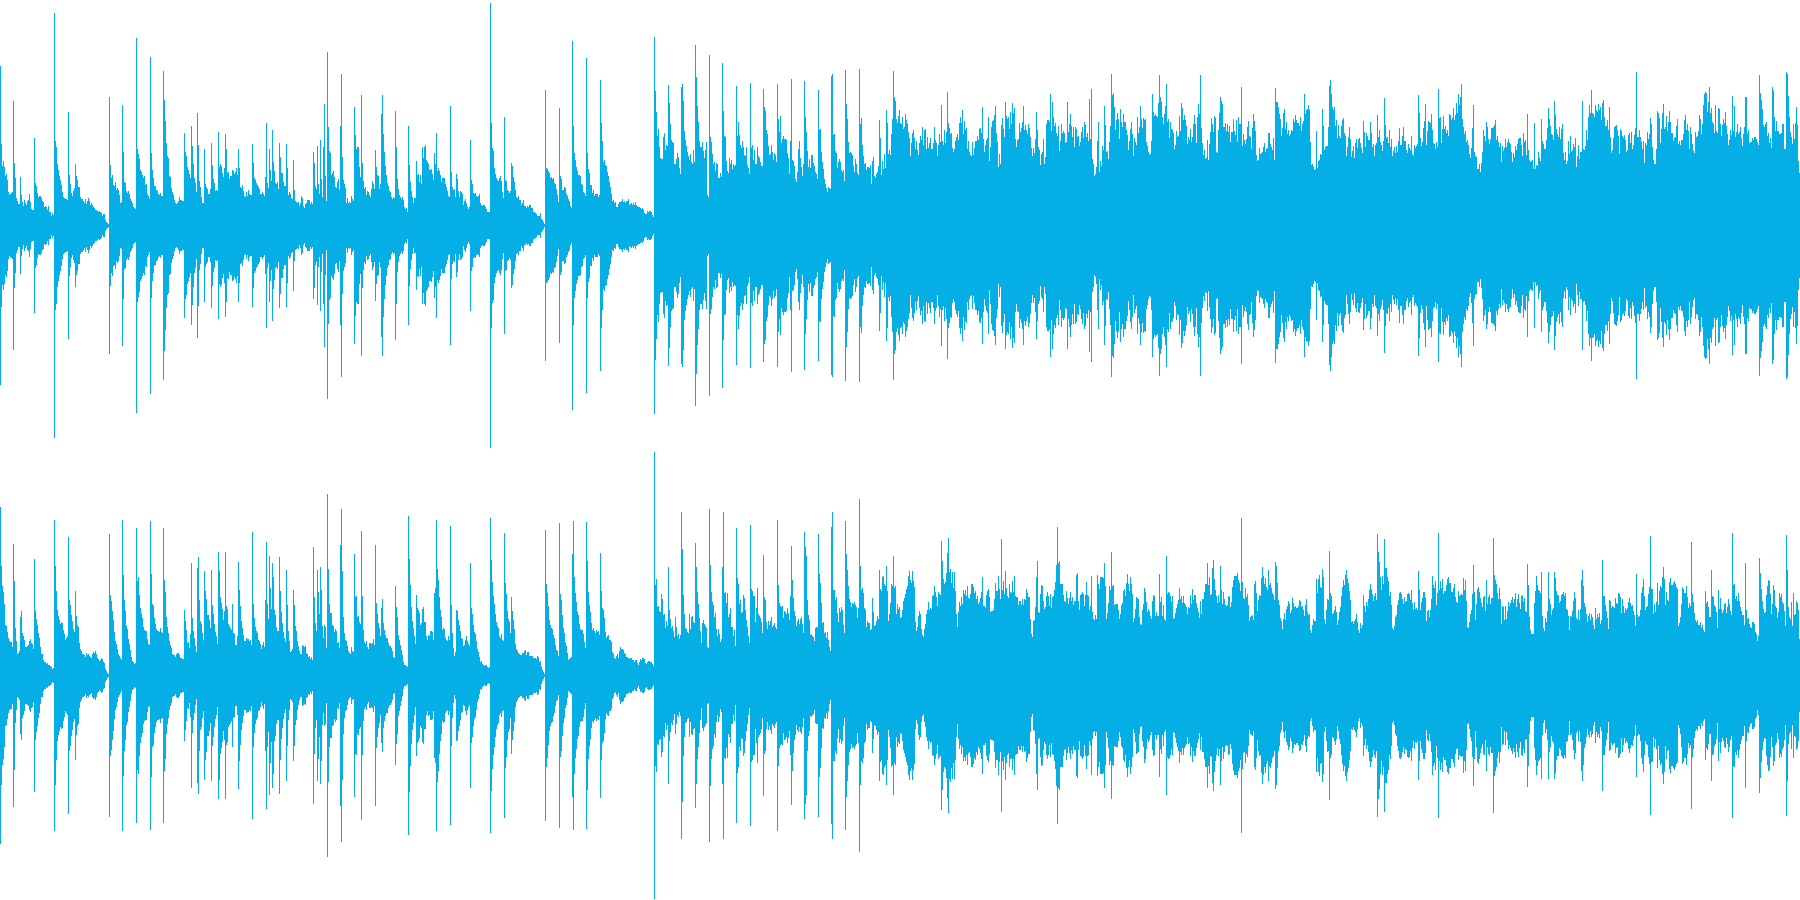 悲しいバラード ループの再生済みの波形